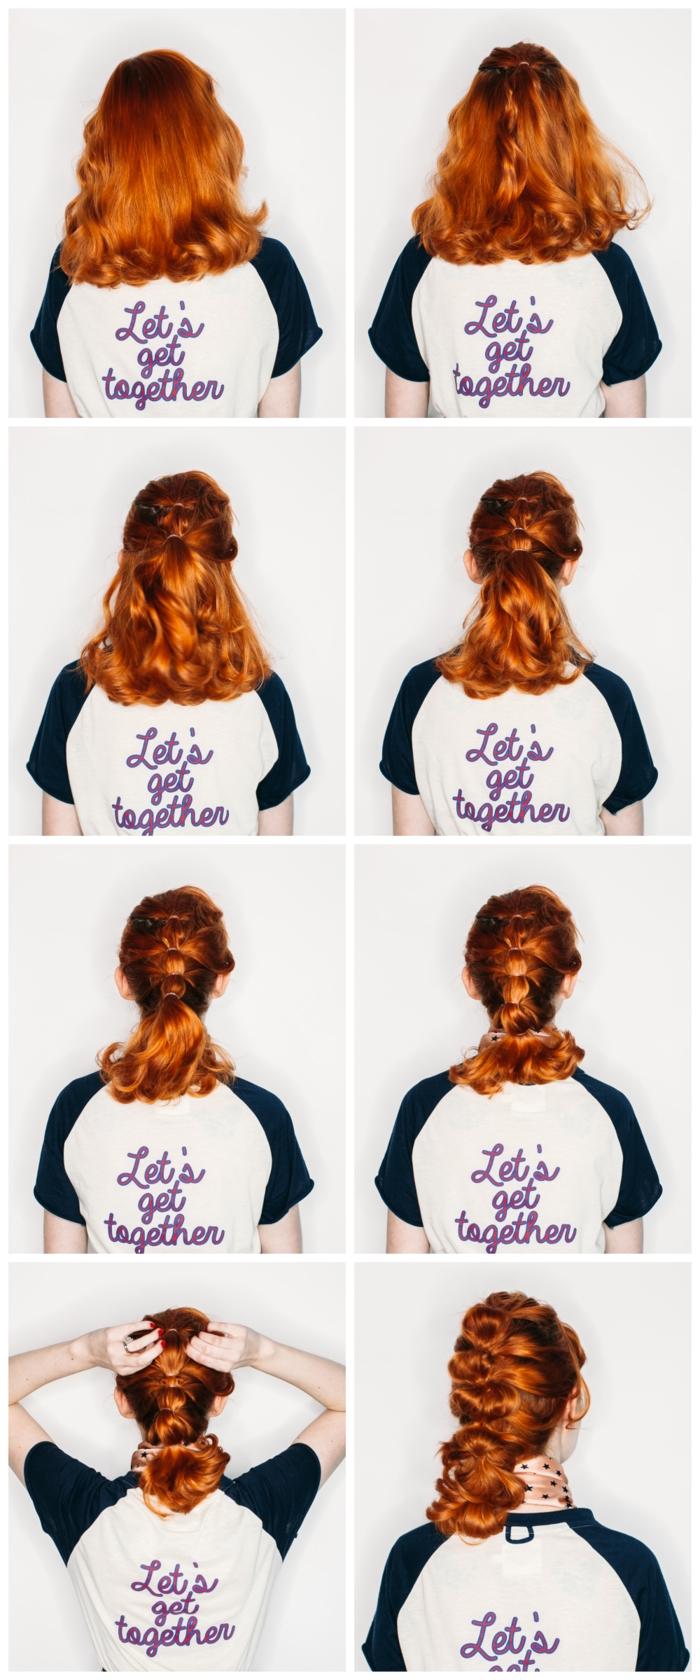 une coiffure cheveux mi-longs en queue-de-cheval bulles à effet coiffé-décoiffé réalisée sur des cheveux roux flamboyants